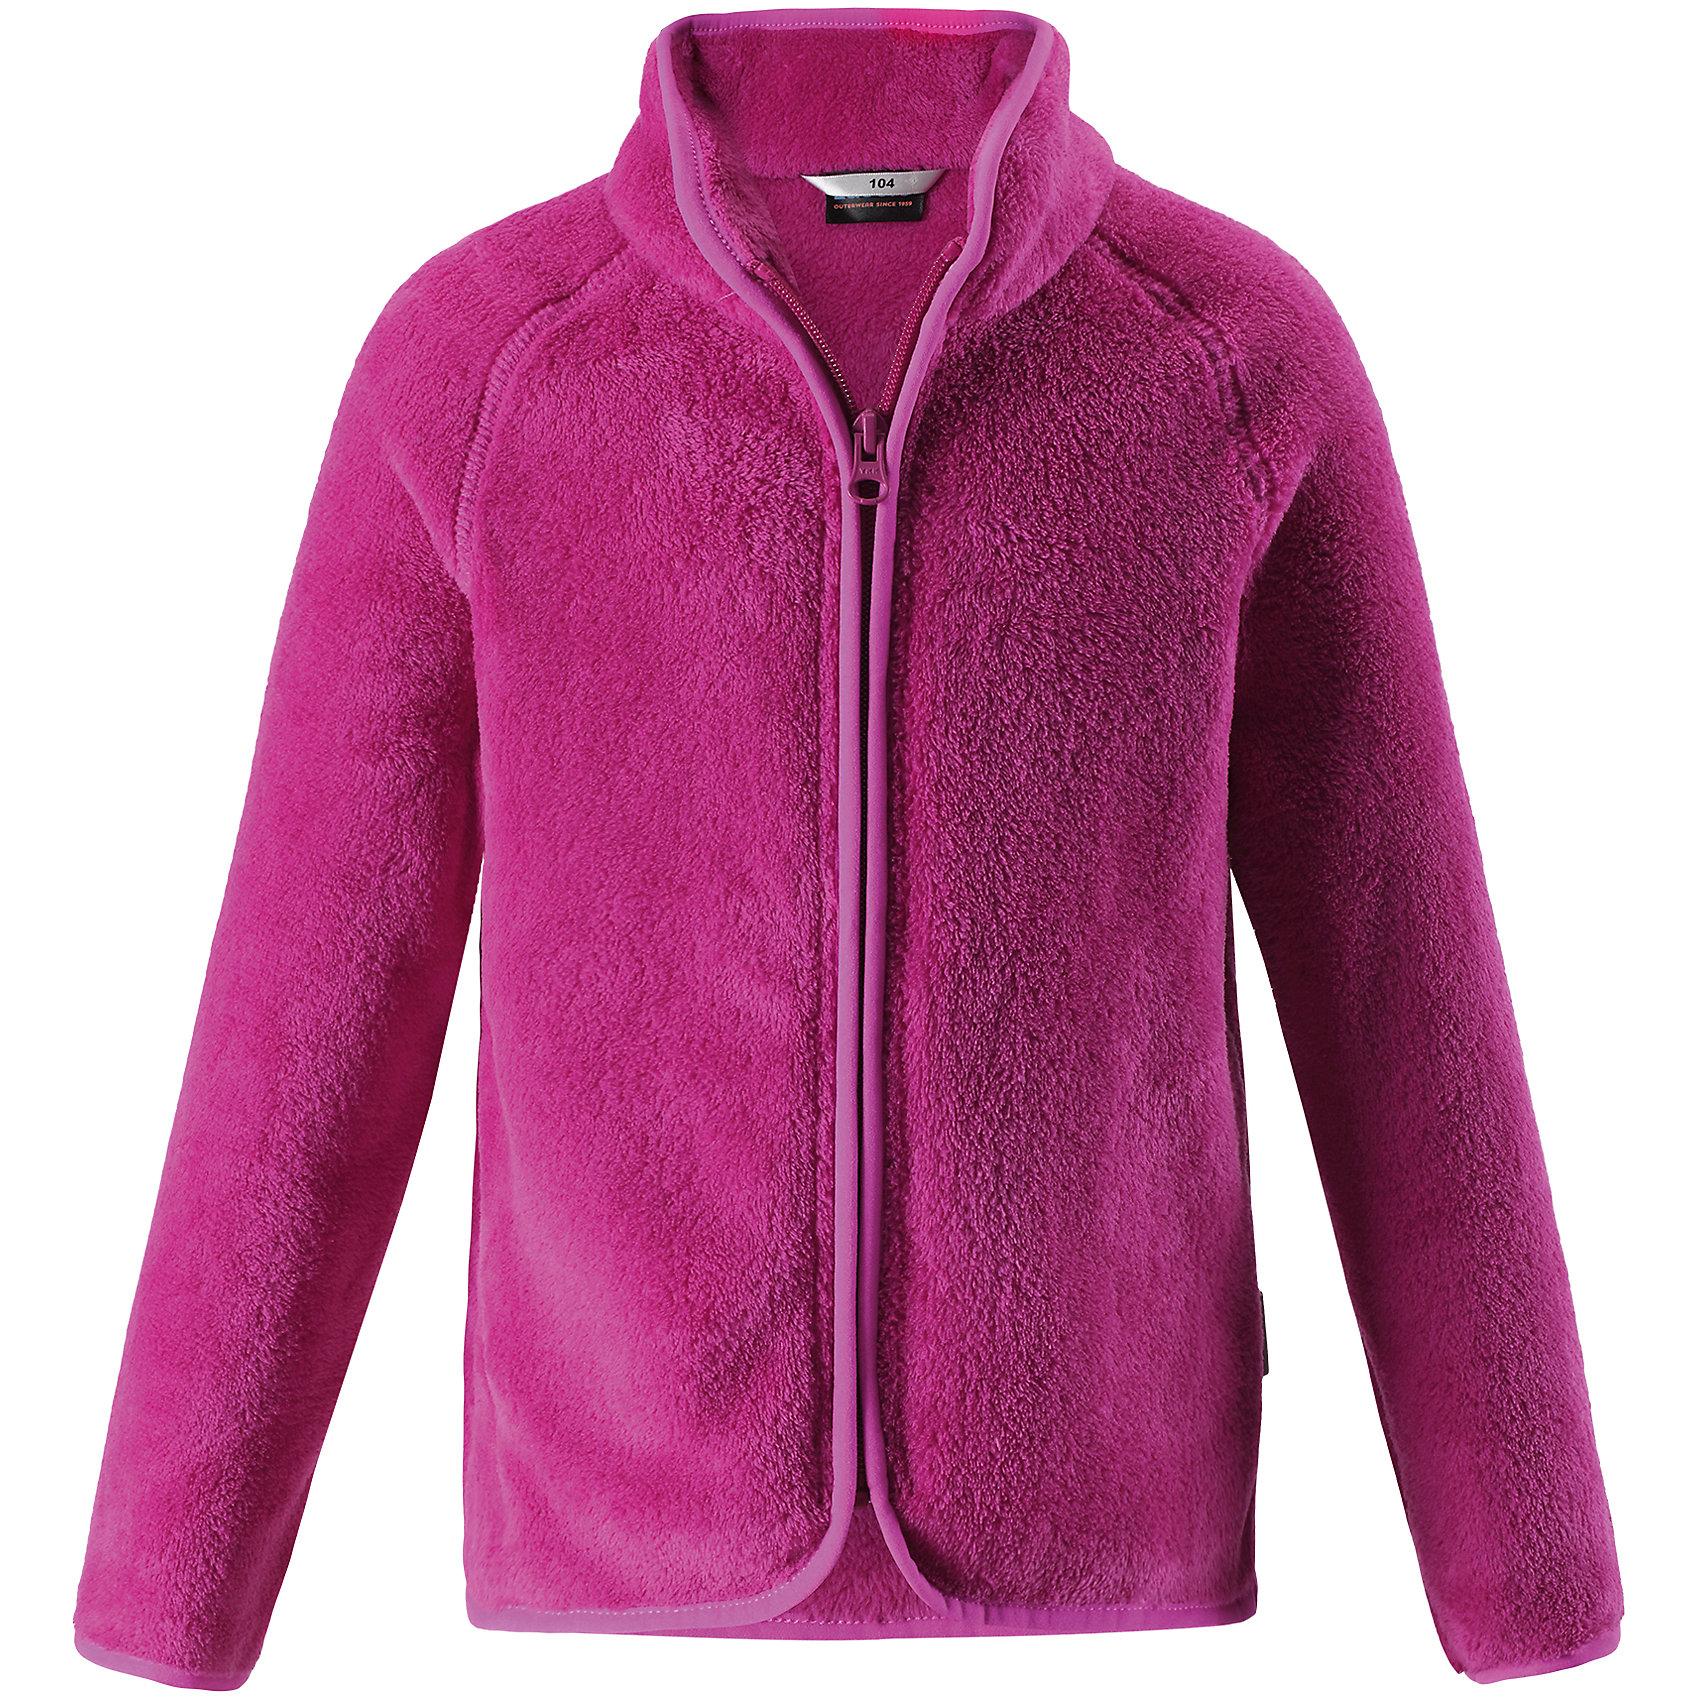 Свитер LassieФлис и термобелье<br>Флисовая куртка – то, что надо! Флис – простой в уходе и быстросохнущий материал, который отводит влагу от кожи и отлично согревает, в нем маленькому любителю прогулок будет всегда тепло. А благодаря практичной молнии во всю длину спереди куртку легко надевать.<br>Состав:<br>100% Полиэстер<br><br>Ширина мм: 190<br>Глубина мм: 74<br>Высота мм: 229<br>Вес г: 236<br>Цвет: розовый<br>Возраст от месяцев: 108<br>Возраст до месяцев: 120<br>Пол: Унисекс<br>Возраст: Детский<br>Размер: 140,92,98,104,110,116,122,128,134<br>SKU: 6927951